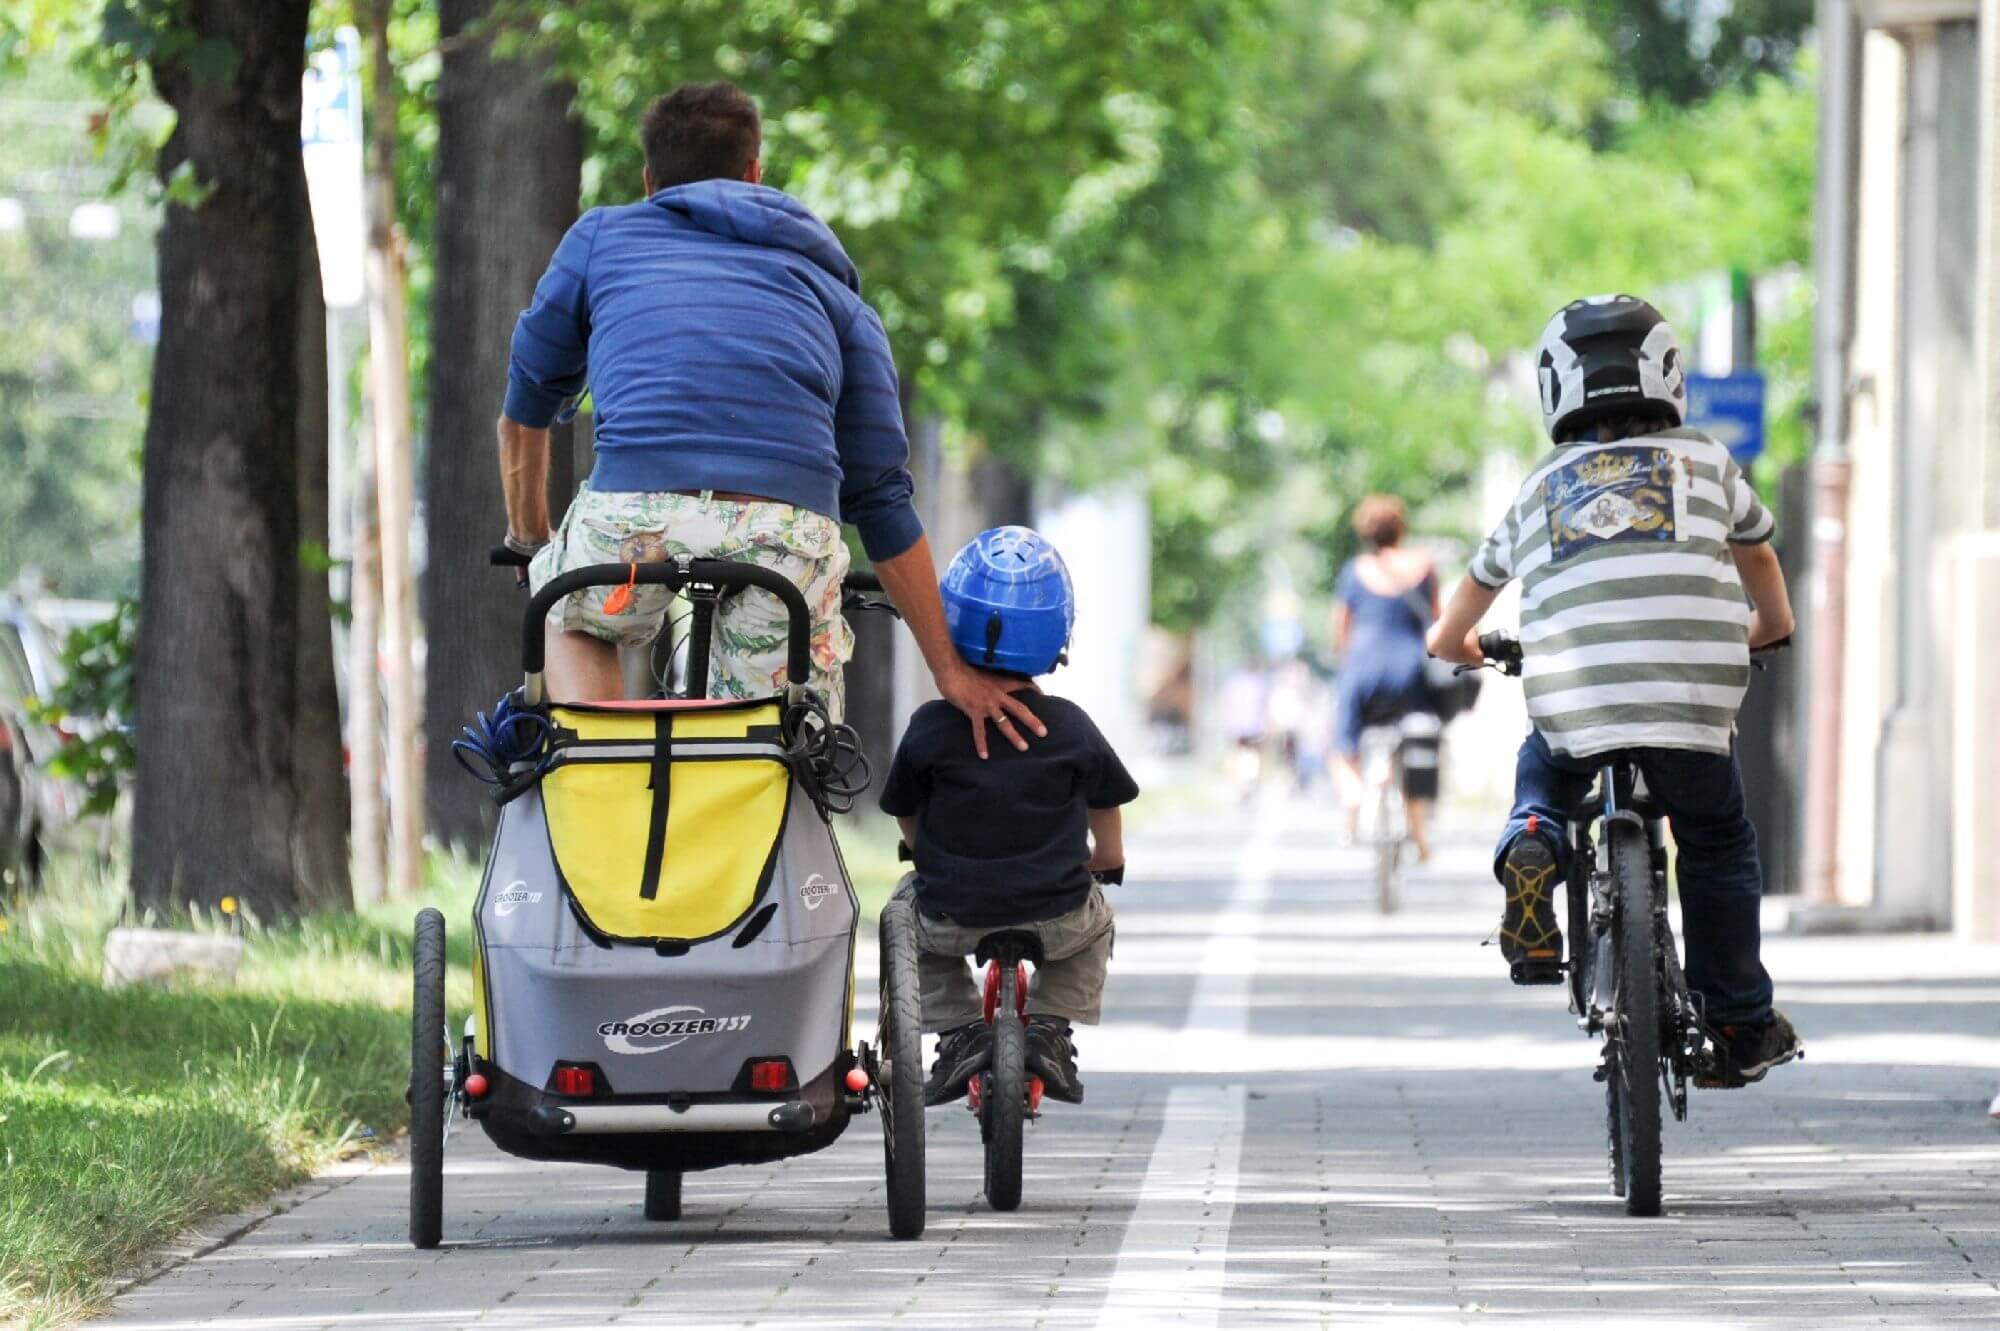 Dobre prakse in sodelovanje z javnostjo pri urejanju prometa